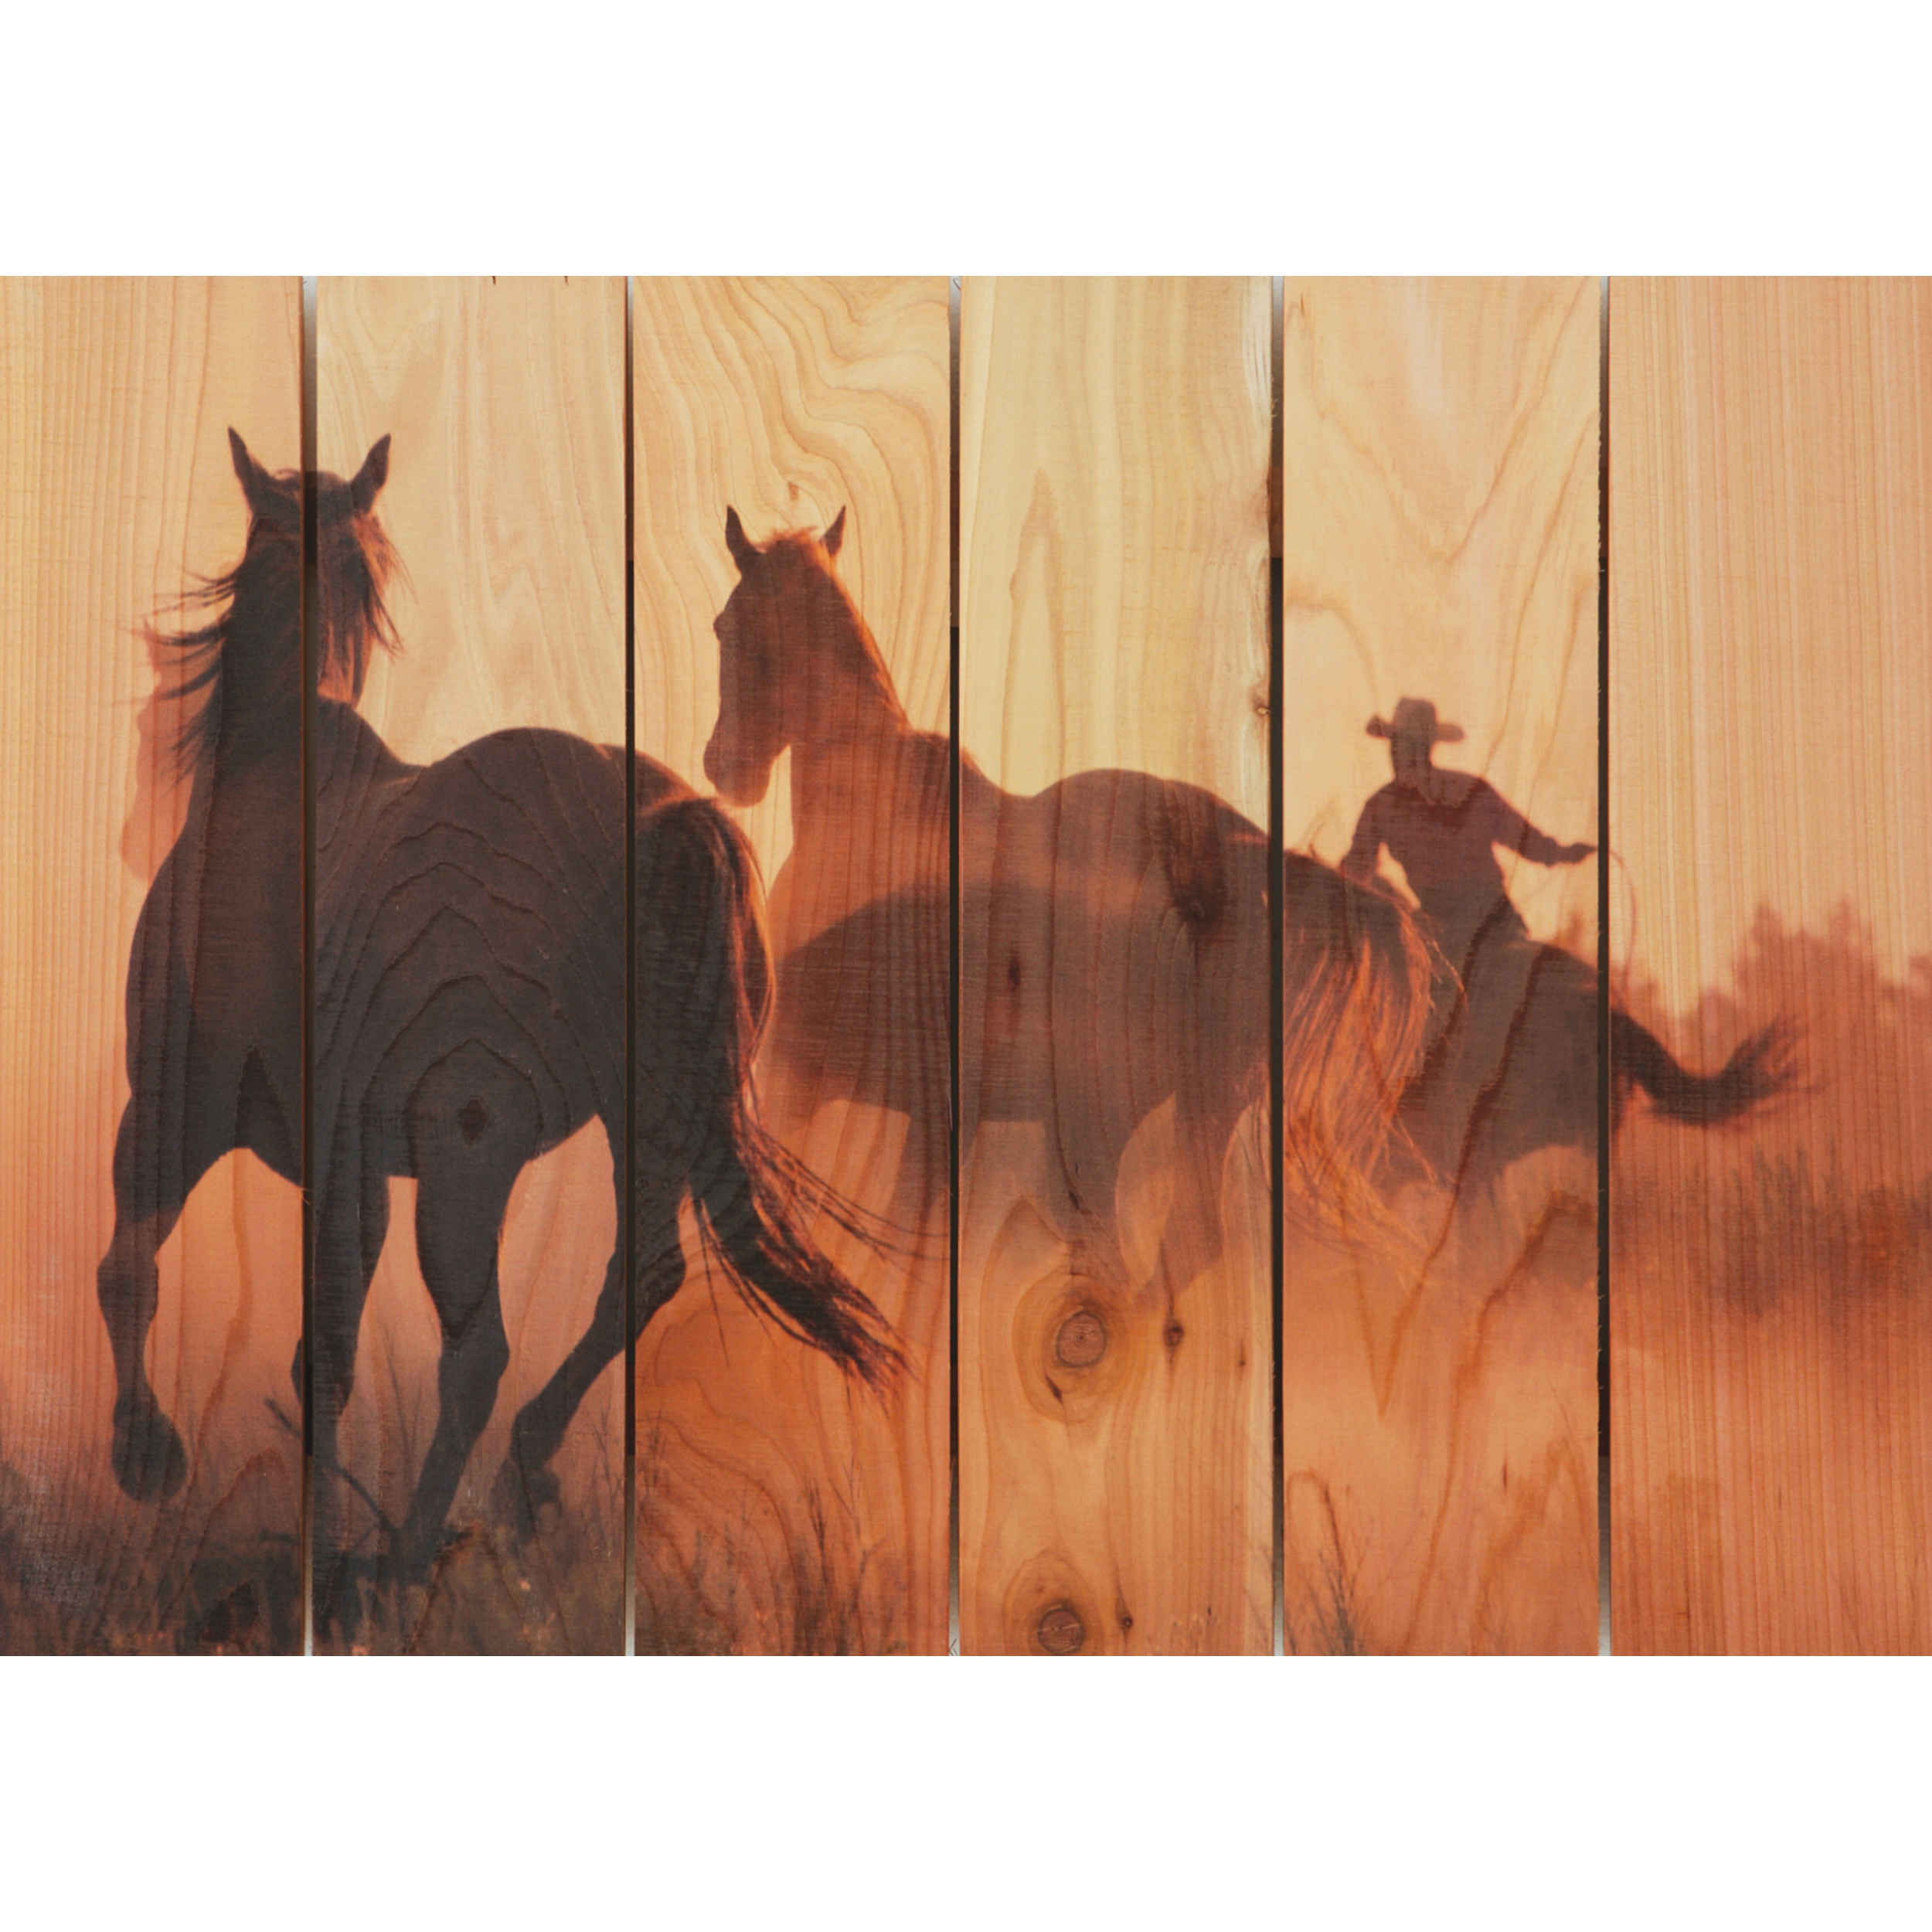 Daydream Gizaun Cedar Wall Art, Round Up, 33